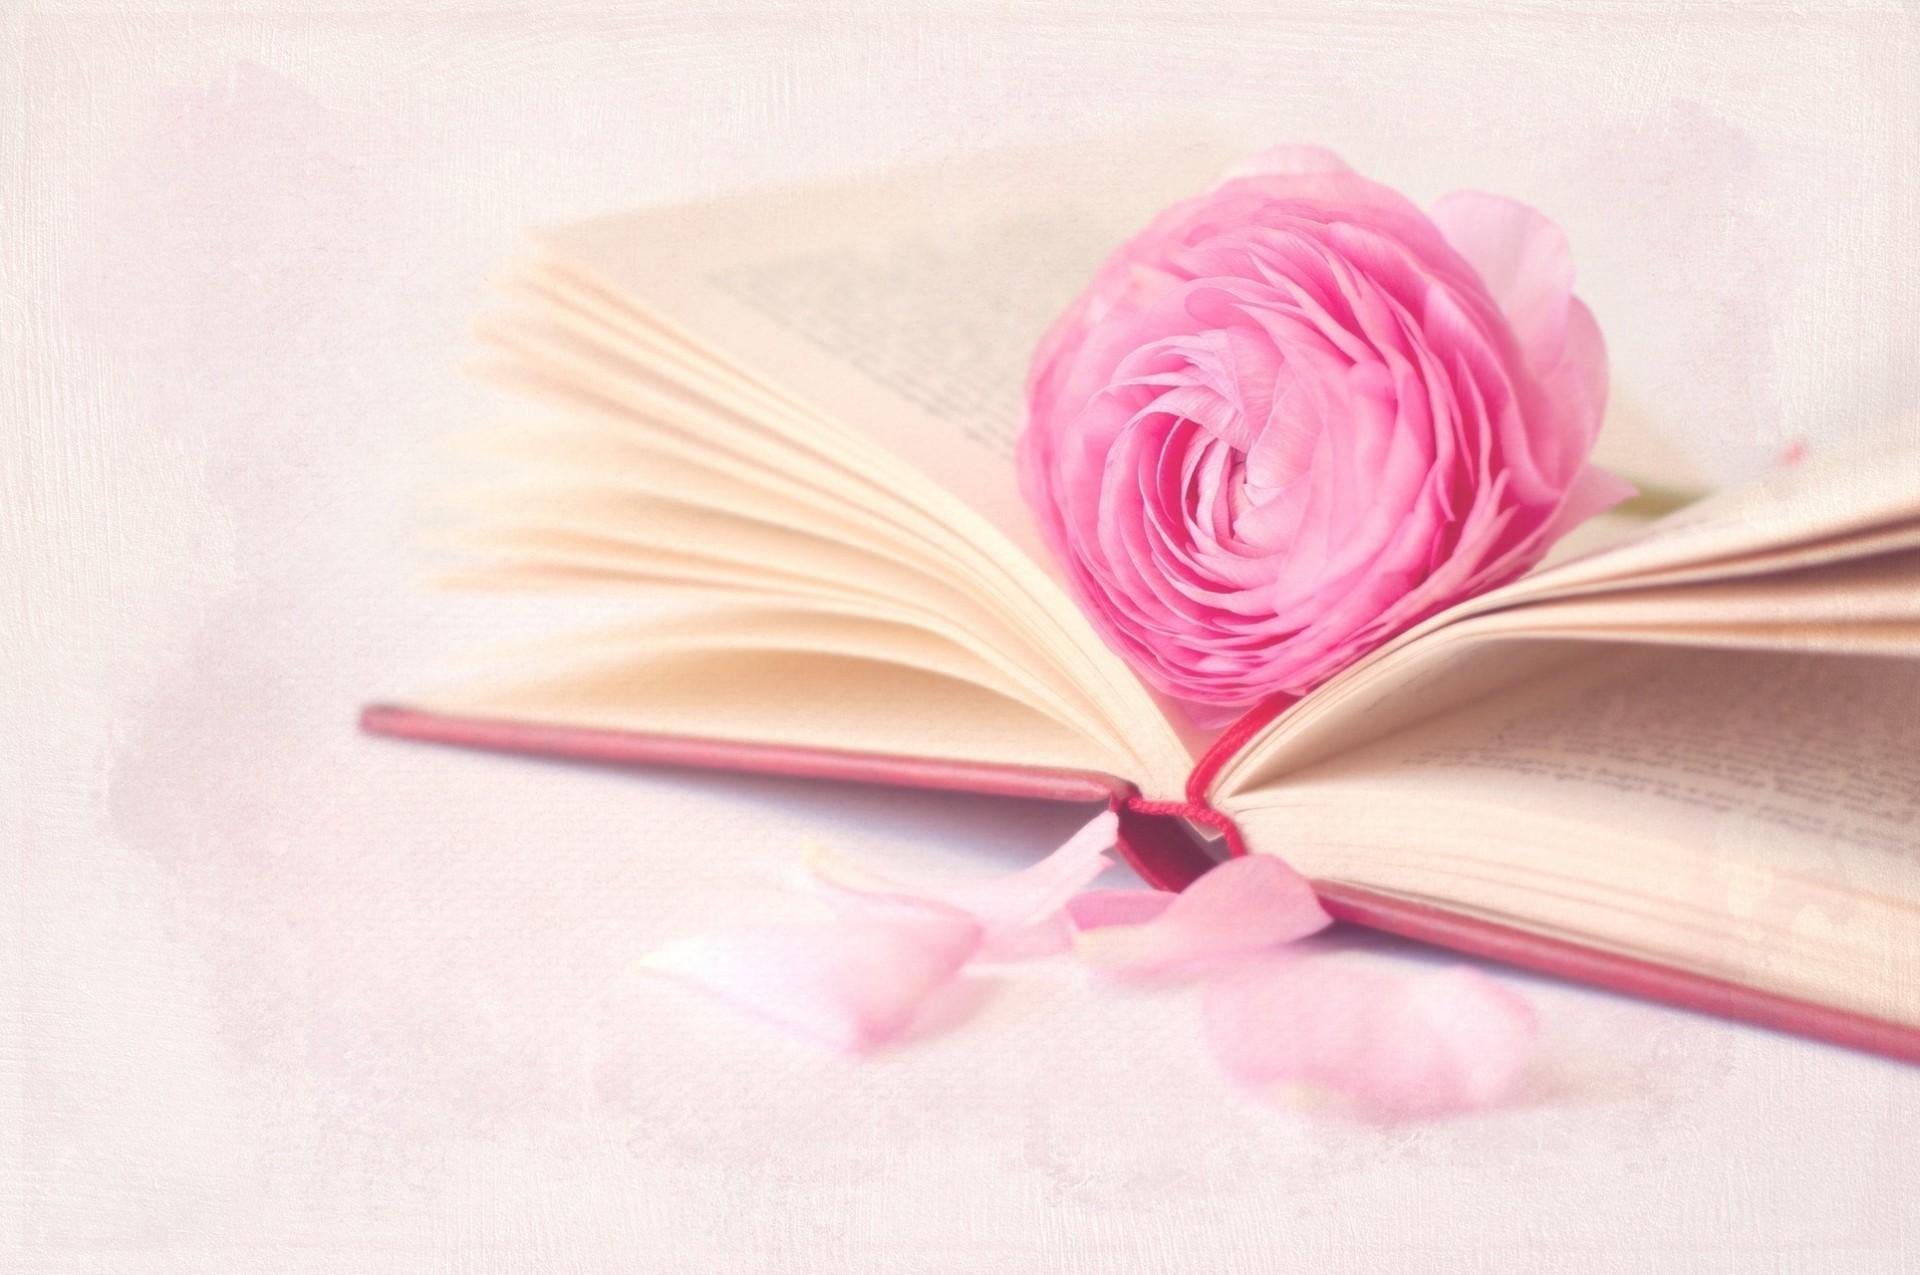 Открытки о книгах, осенняя открытка скрапбукинг